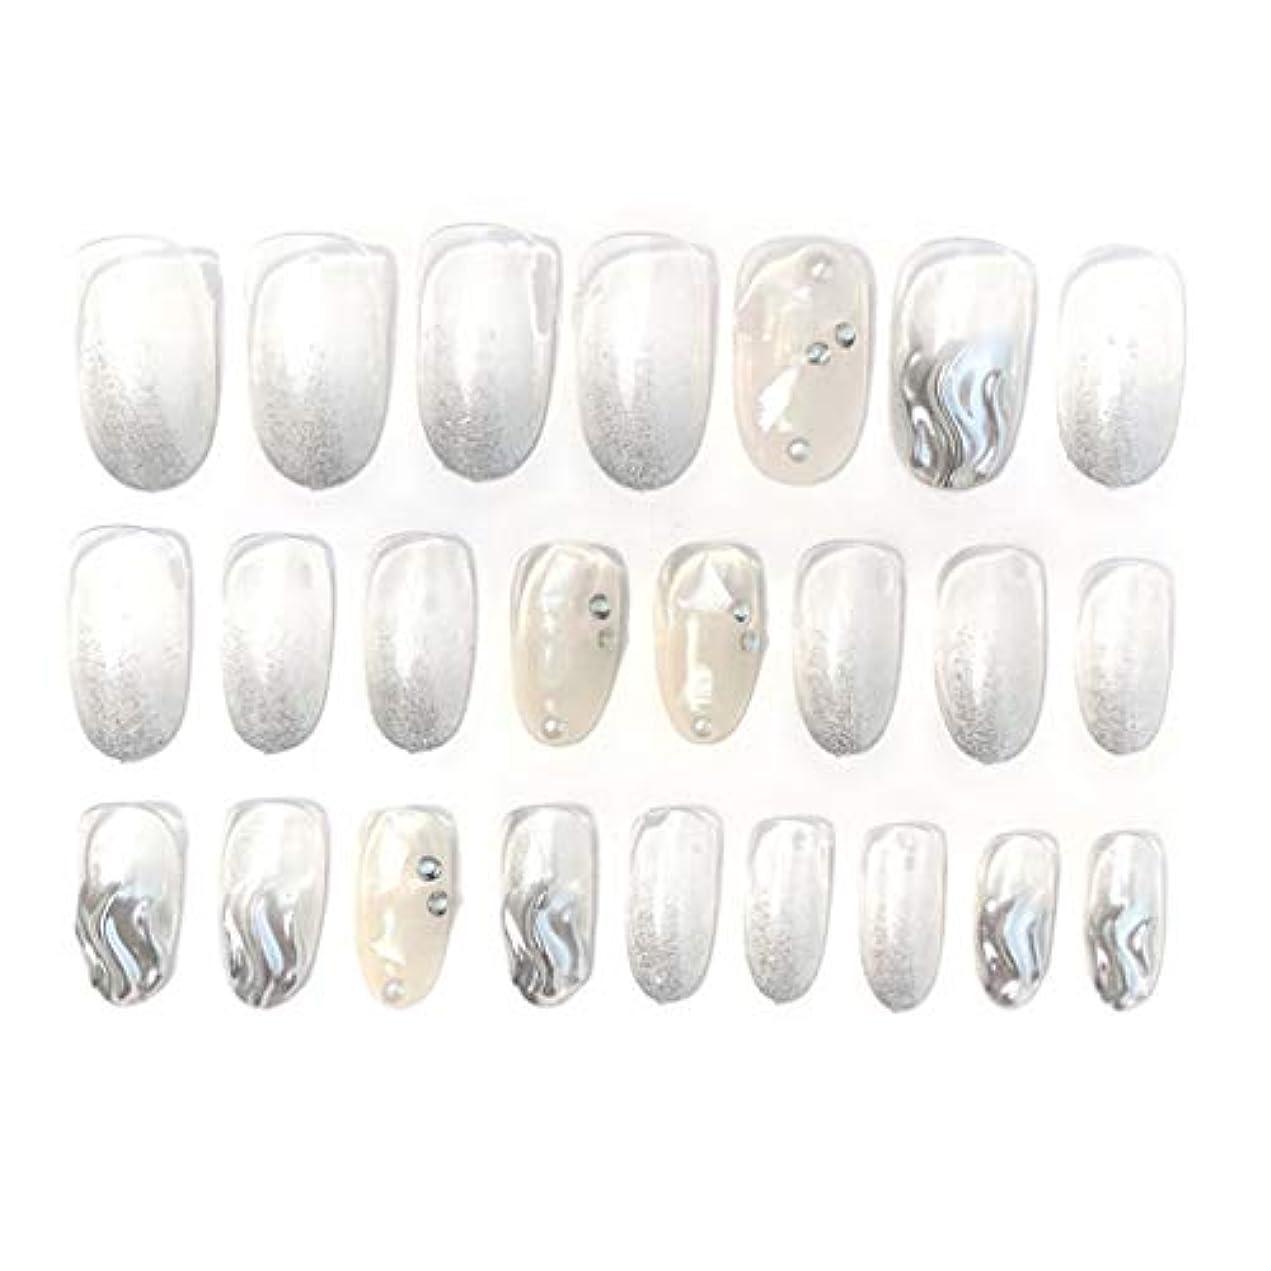 細部ホイッスルメールを書くSharring 24pcs / setウェーブシェルアクリルフェイク指の爪インレンダリング偽爪シンプルな女性フルネイルのヒントパッチショートネイルアートDIY両面テープ付き [並行輸入品]